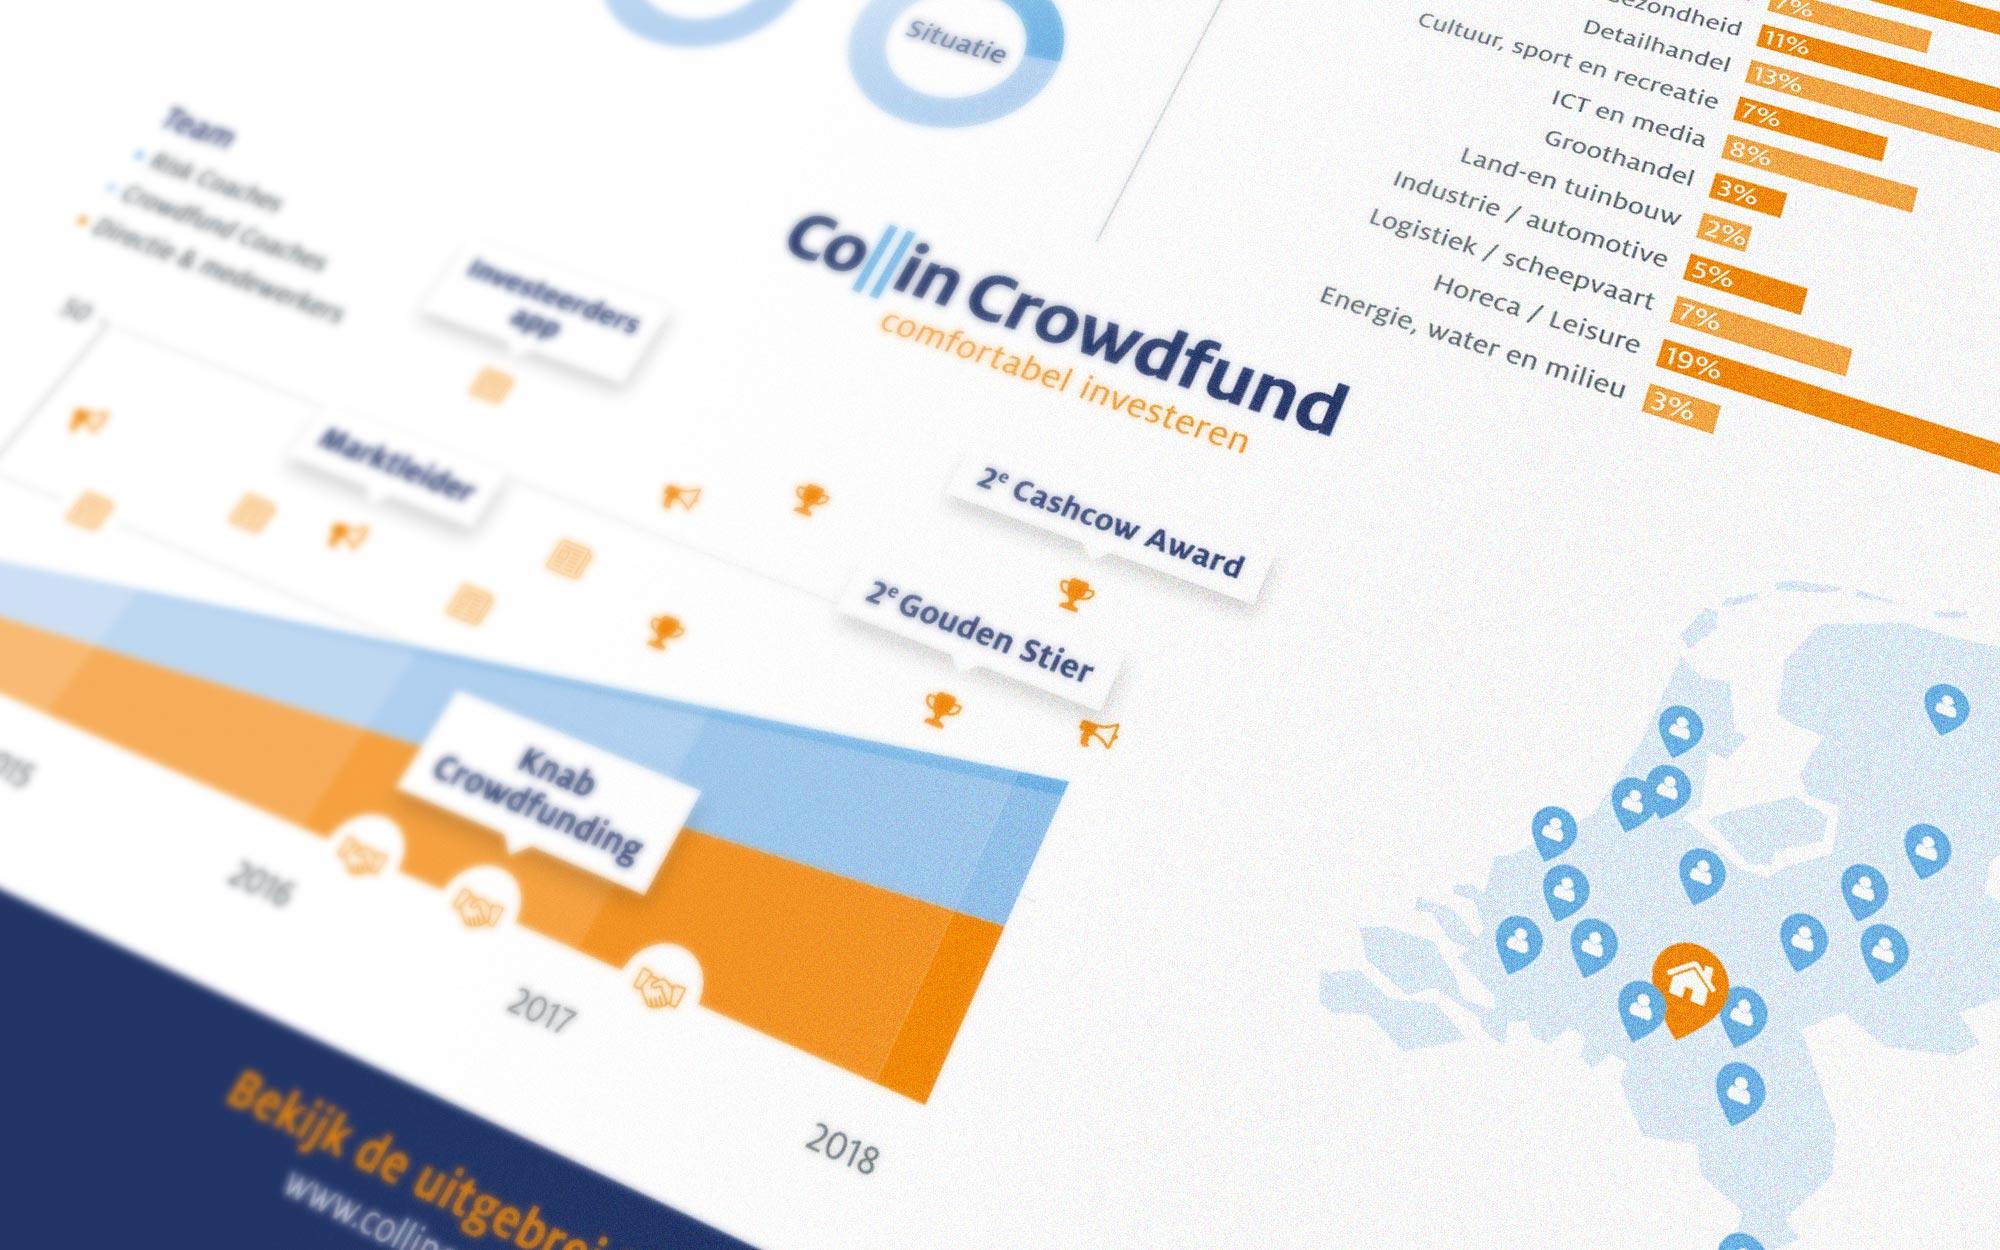 100 miljoen bereikt Collin Crowdfund infographic JAgd ontwerp detail 2